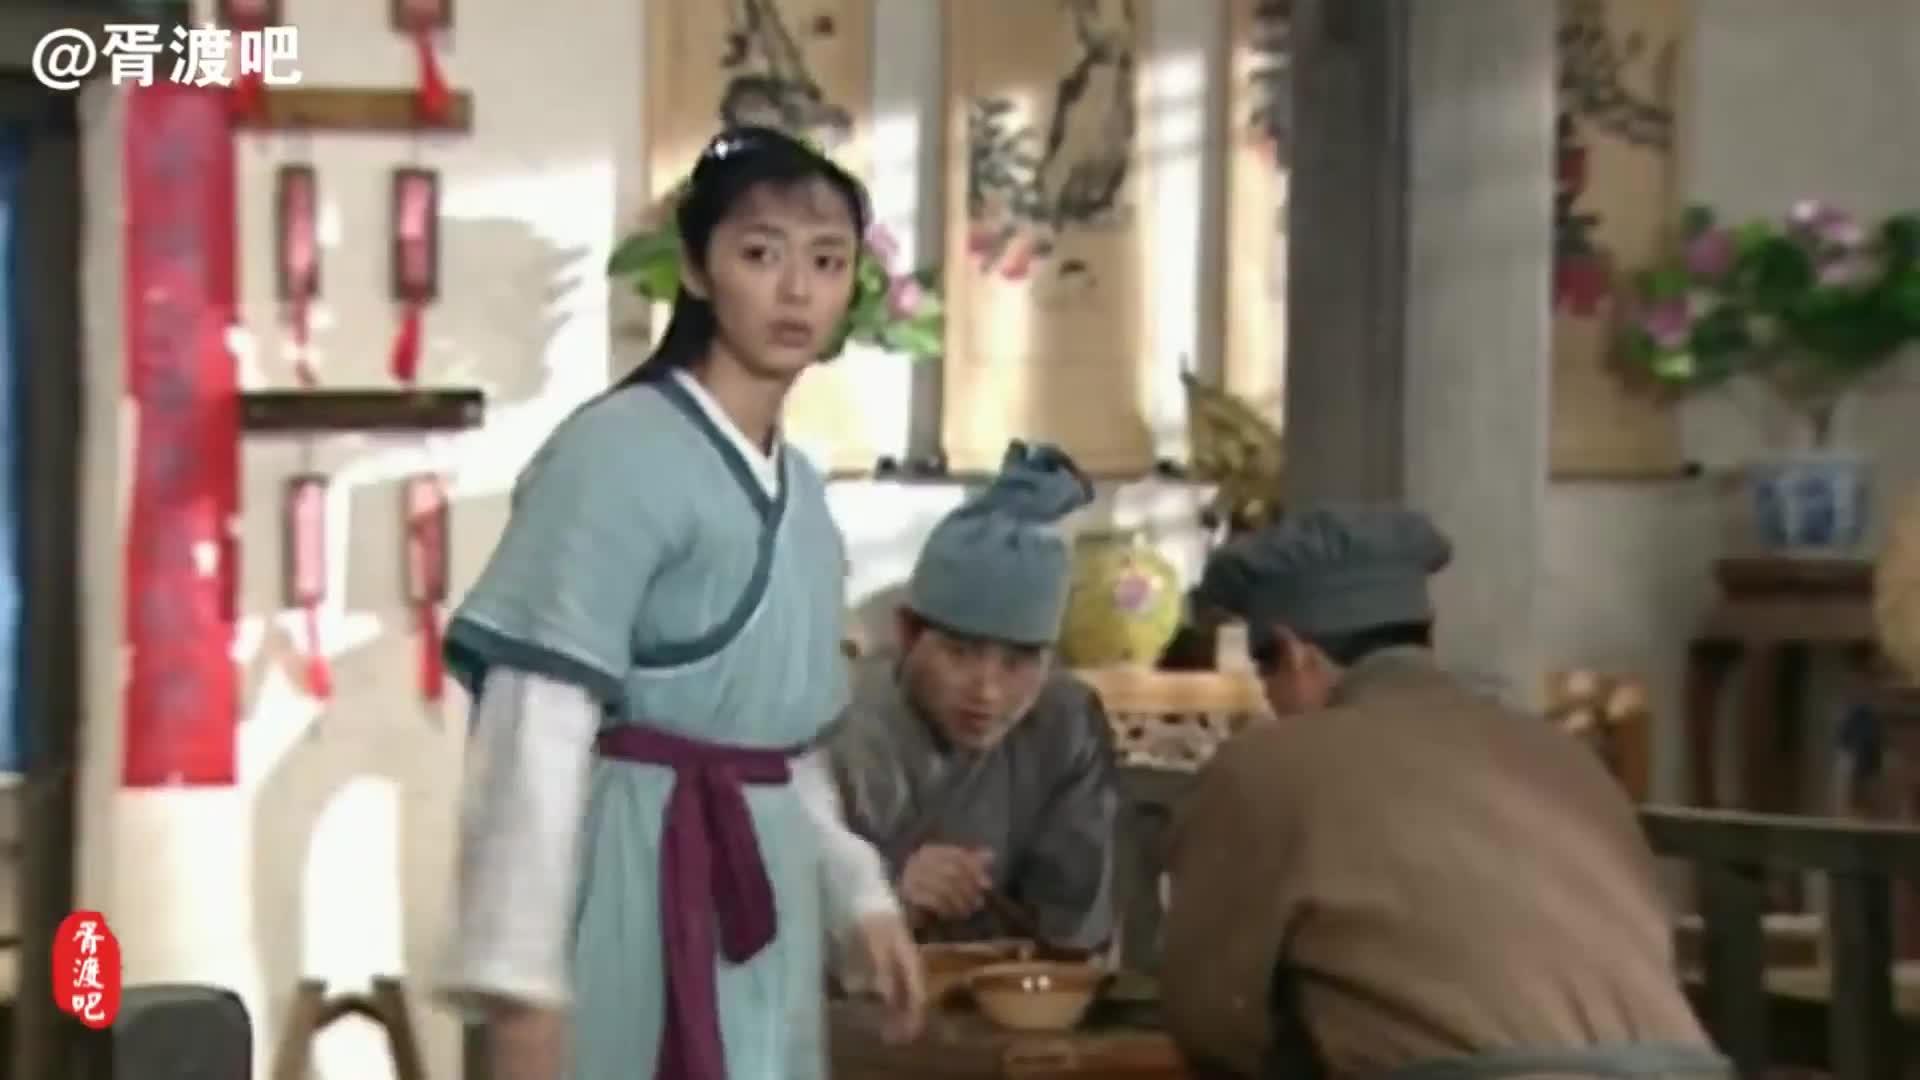 国庆假期的红色炸弹,佟湘玉笑了,郭芙蓉却哭了!